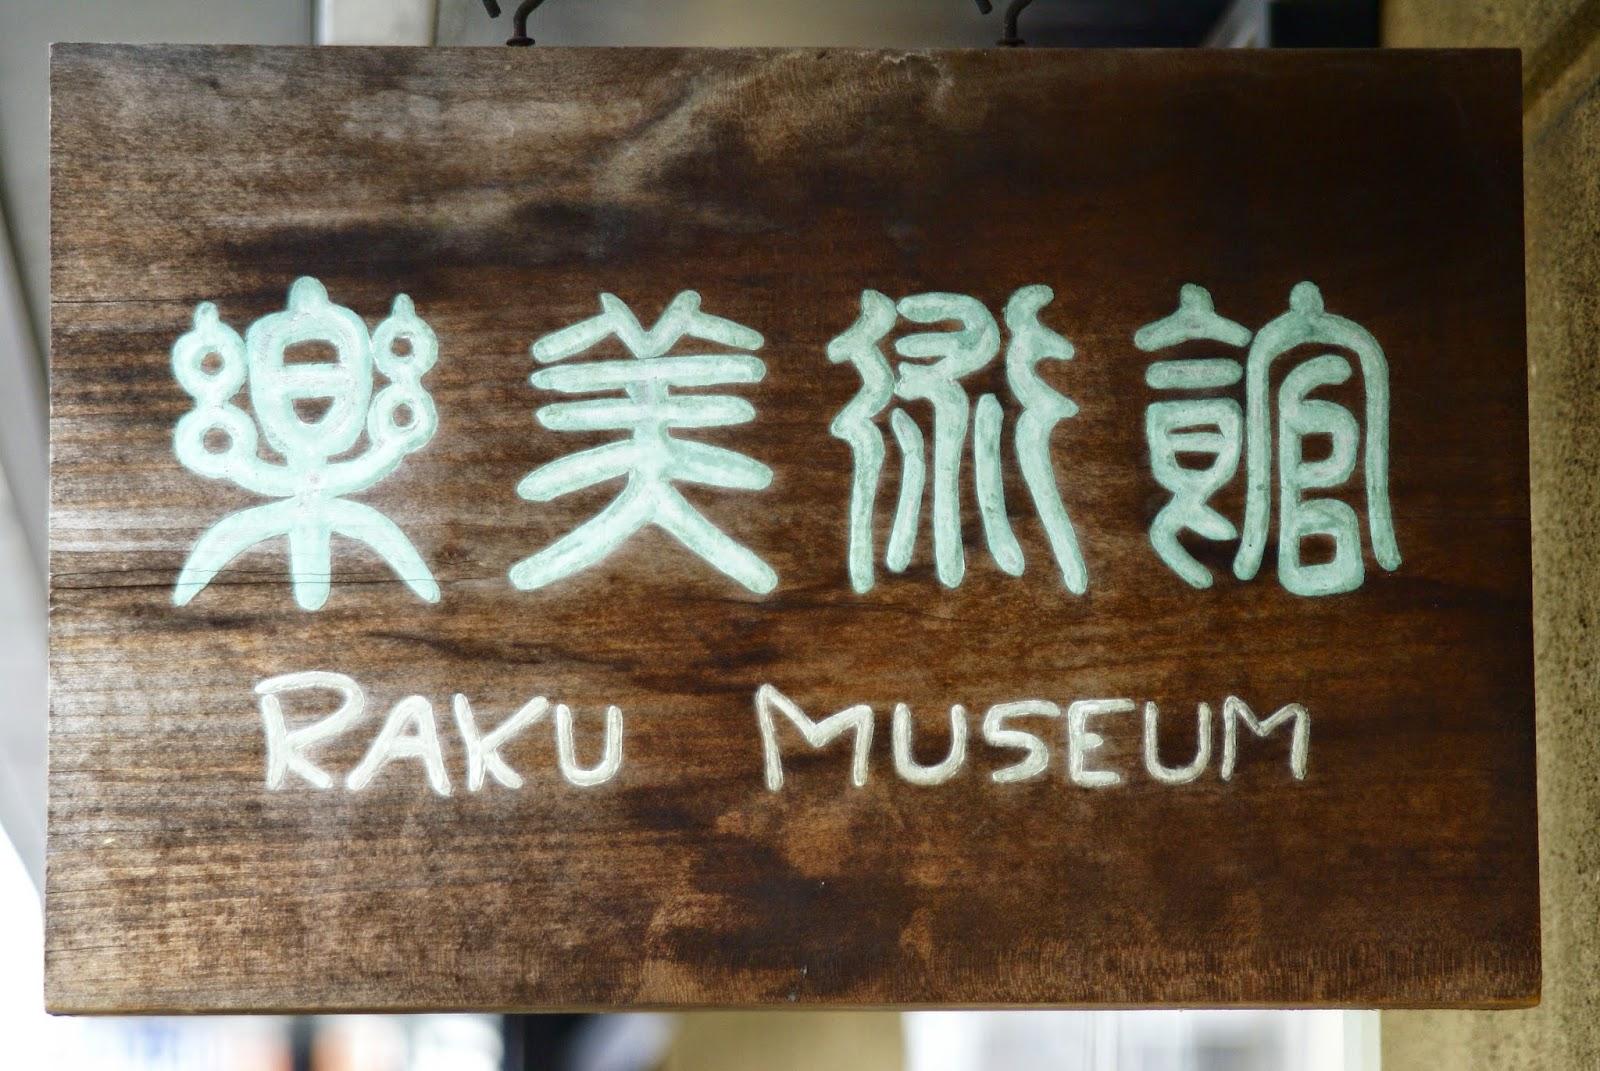 raku museum kyoto